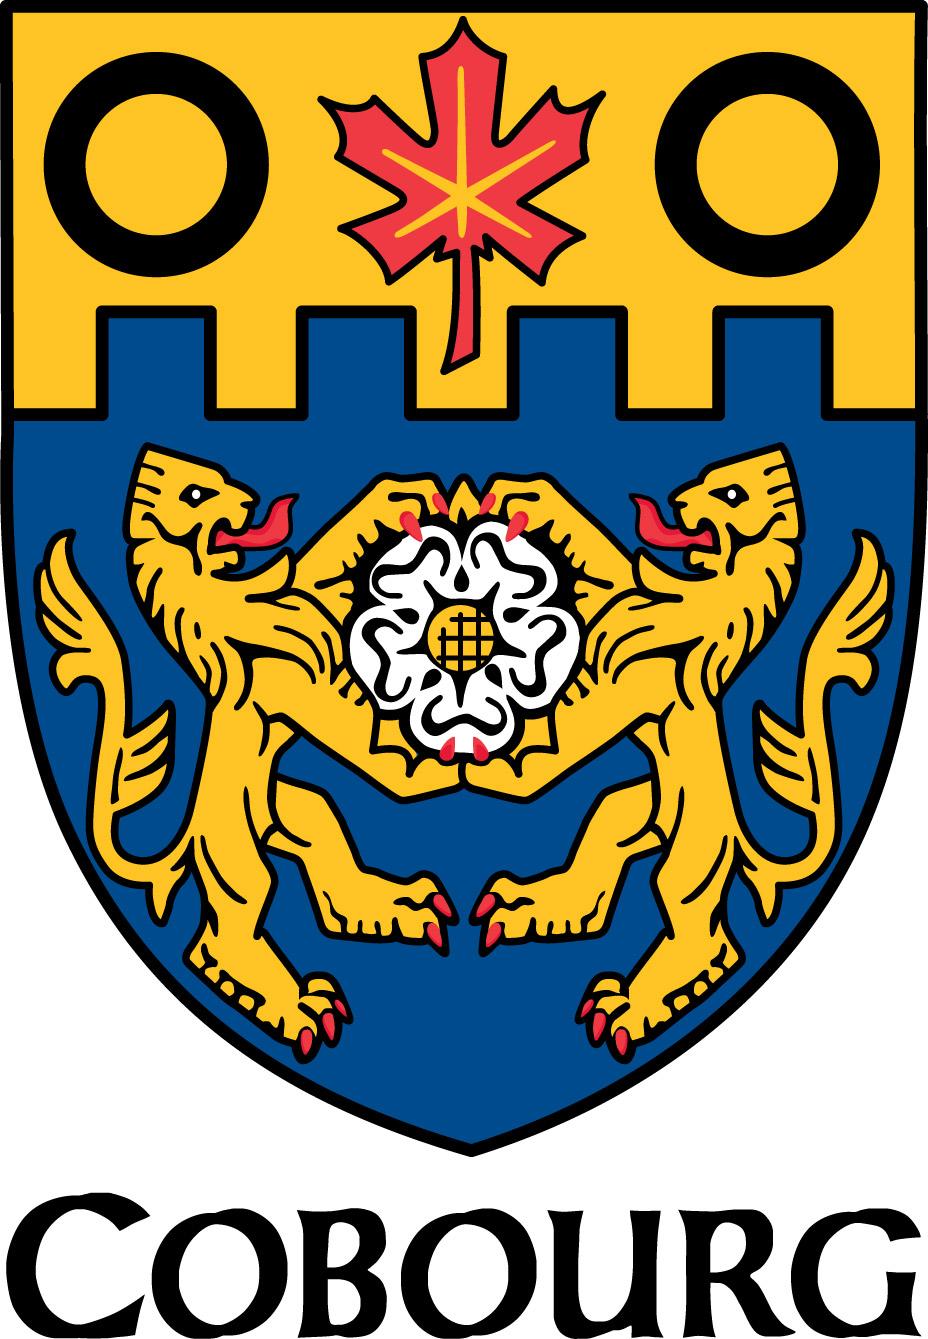 Cobourg_LionArms_HR